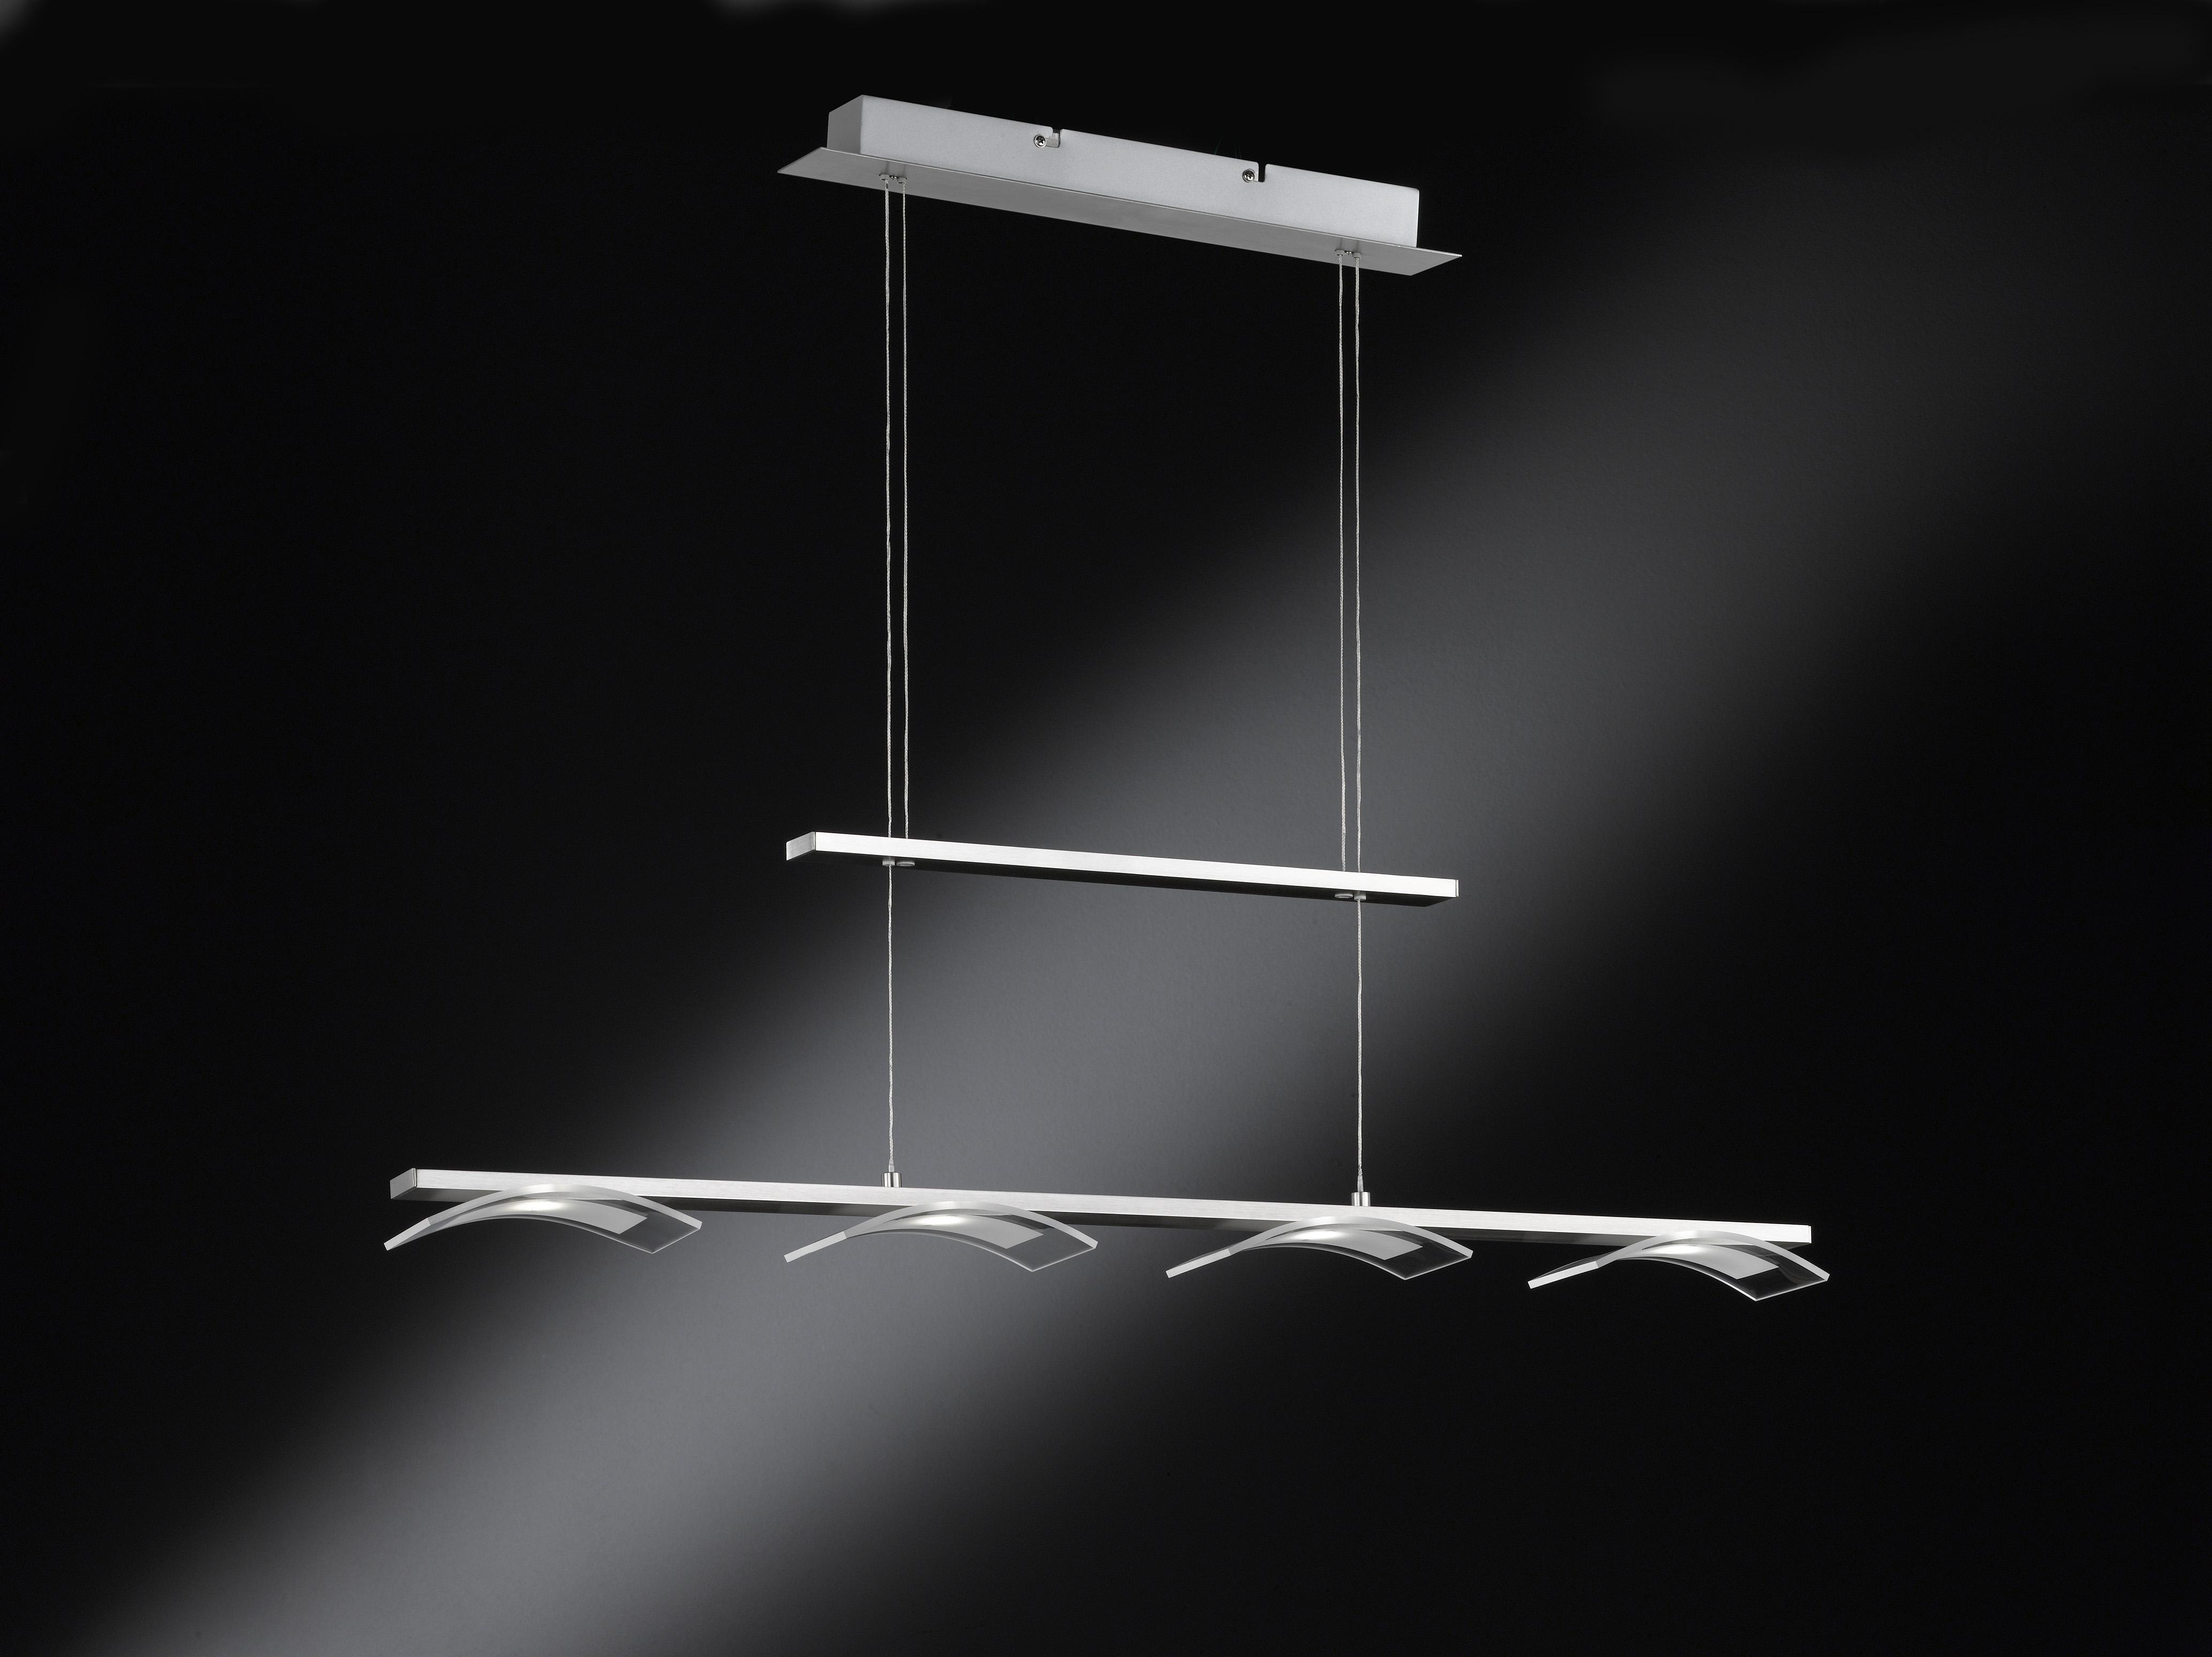 Wofi Závěsné svítidlo CONTES 4x LED 4,5 W matný nikl WO 7970.04.64.0000